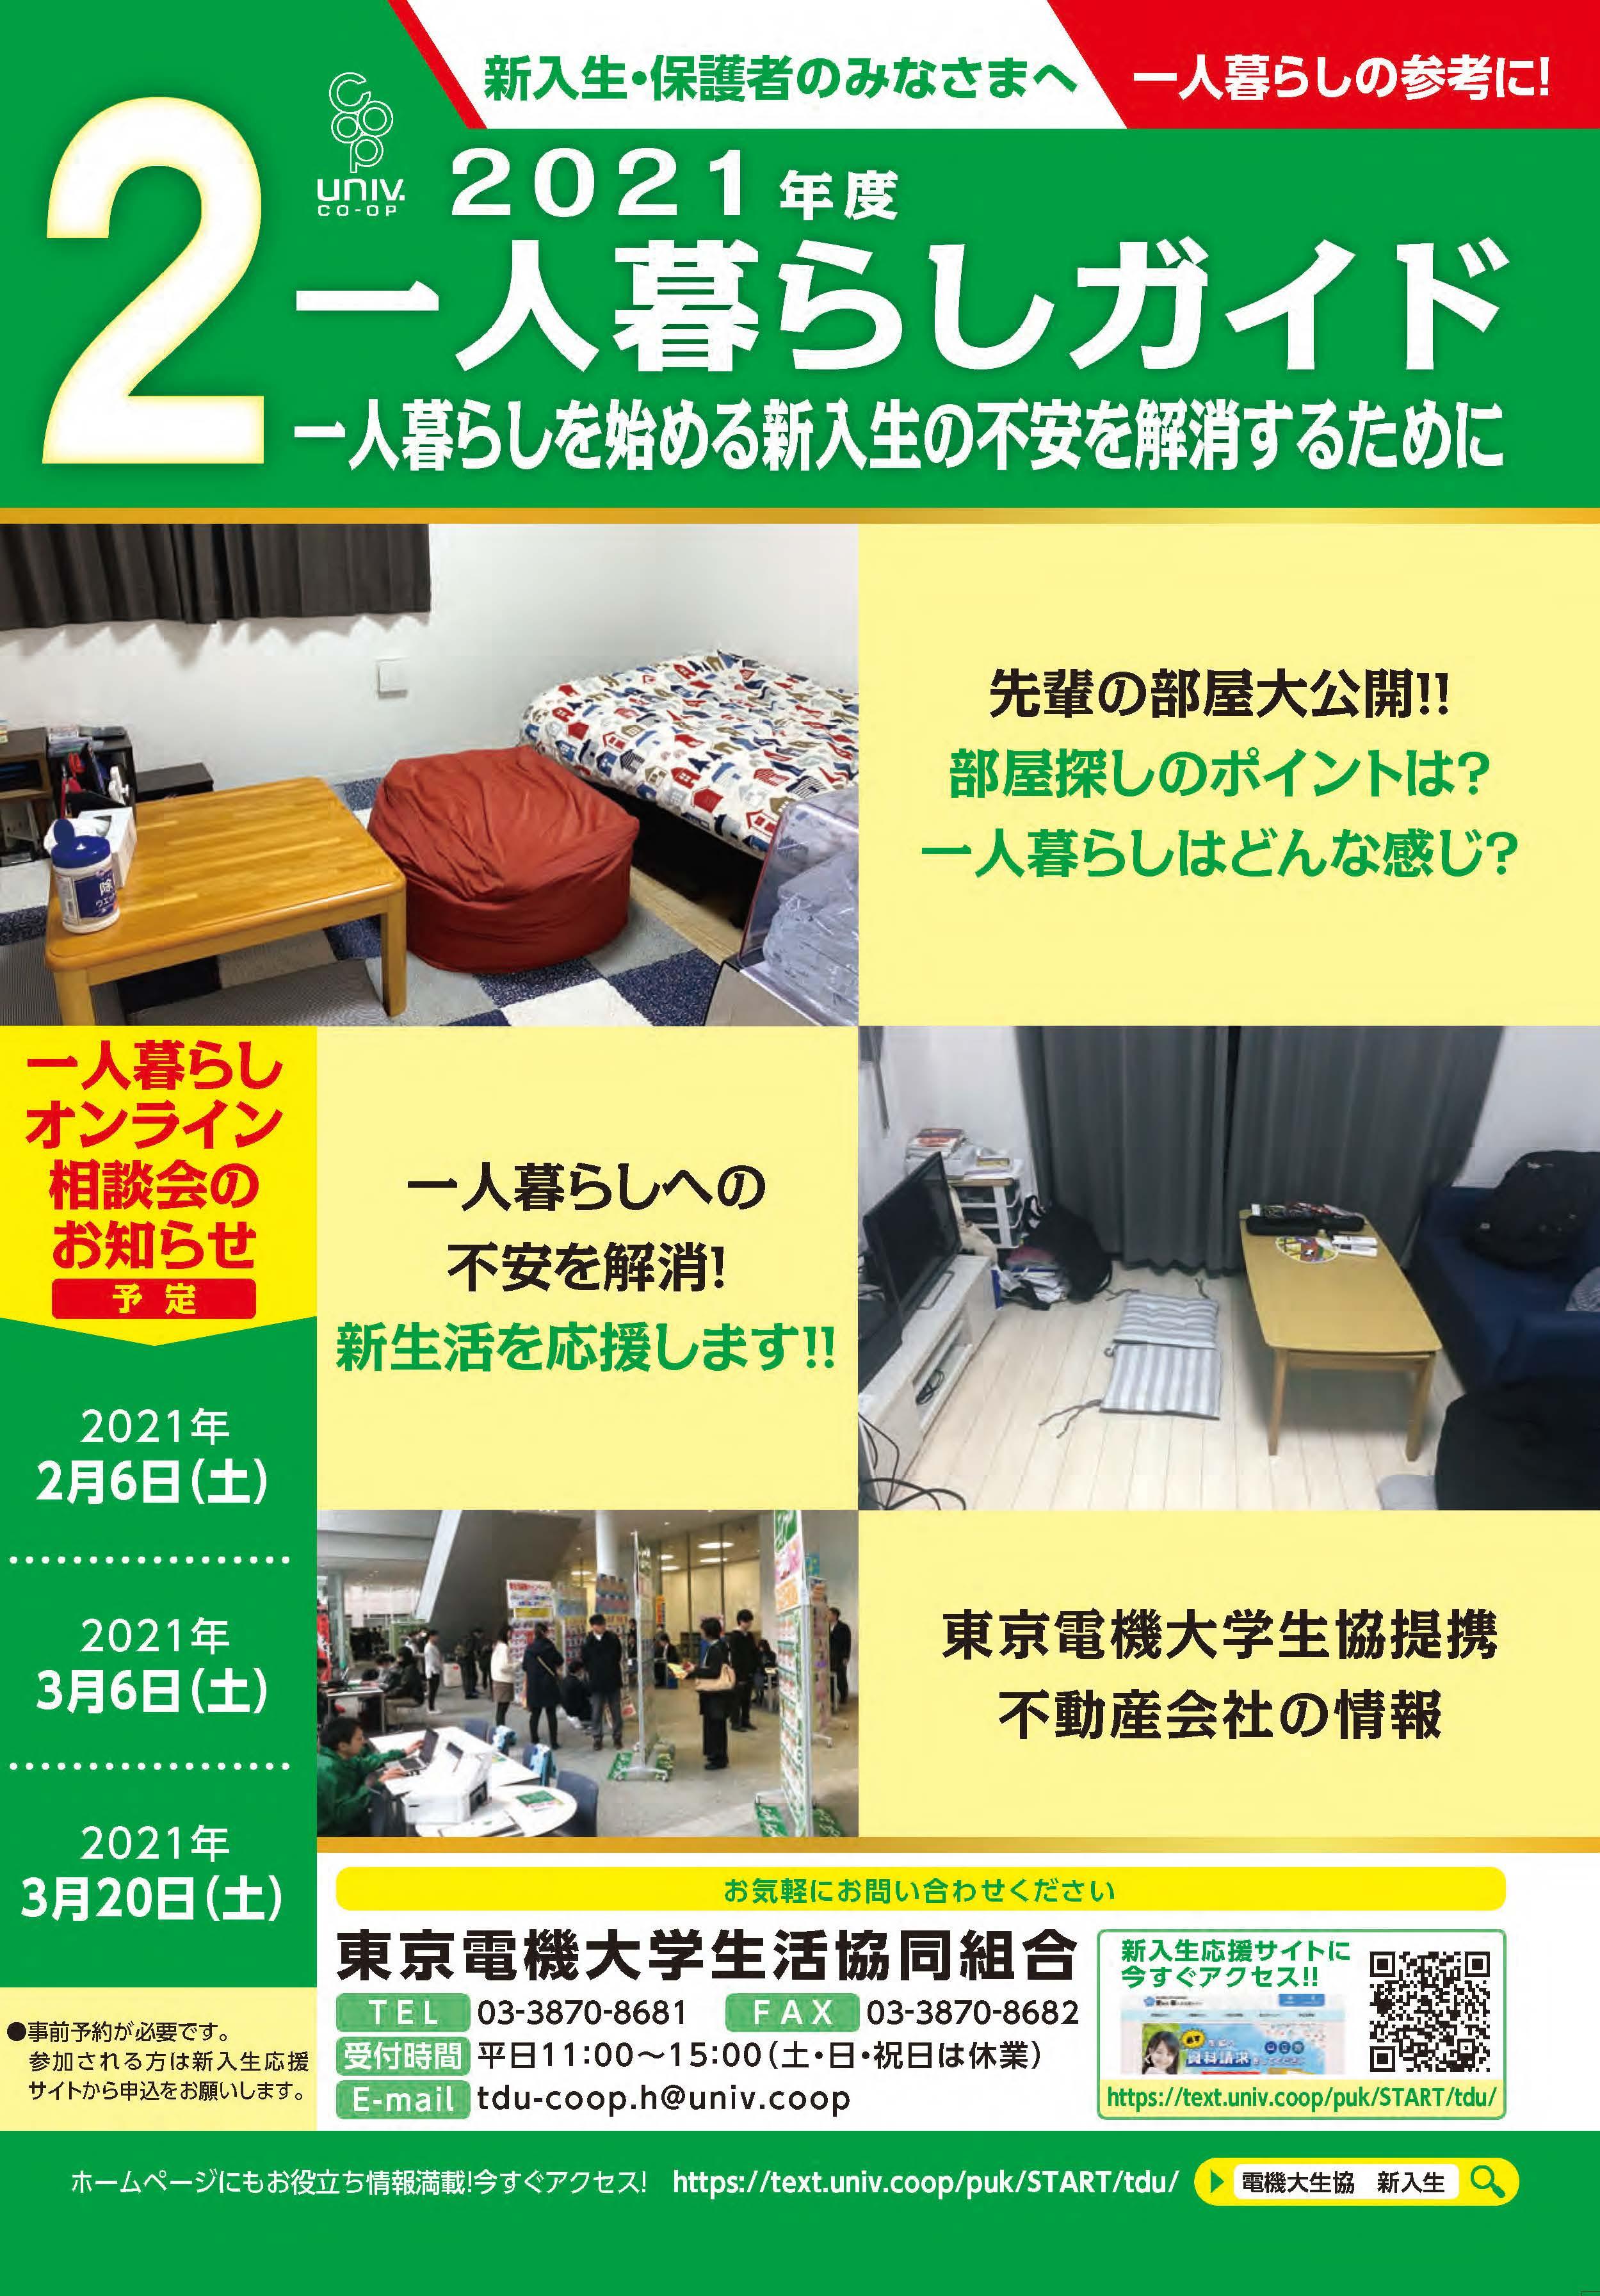 合格 東京 電機 発表 大学